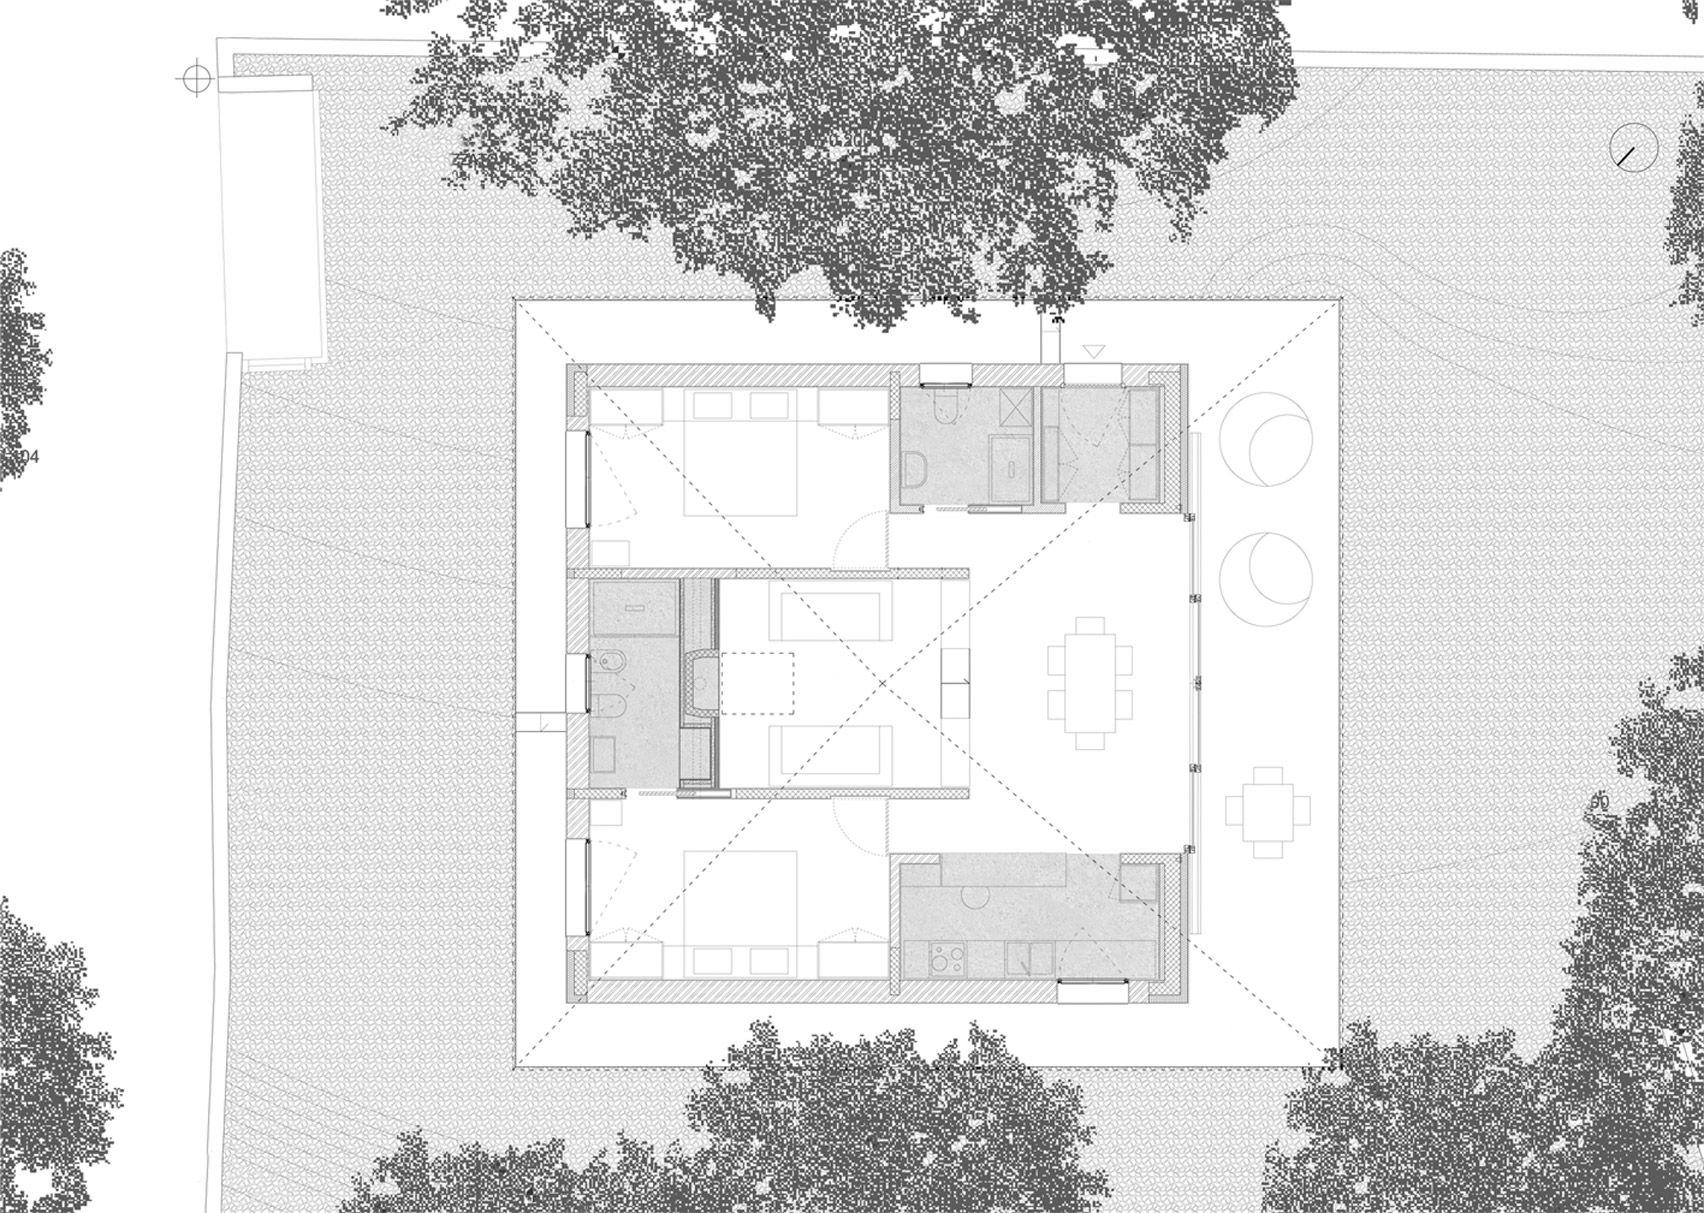 Lorenzo Guzzini Simple Home In Italian Alps Floorplan